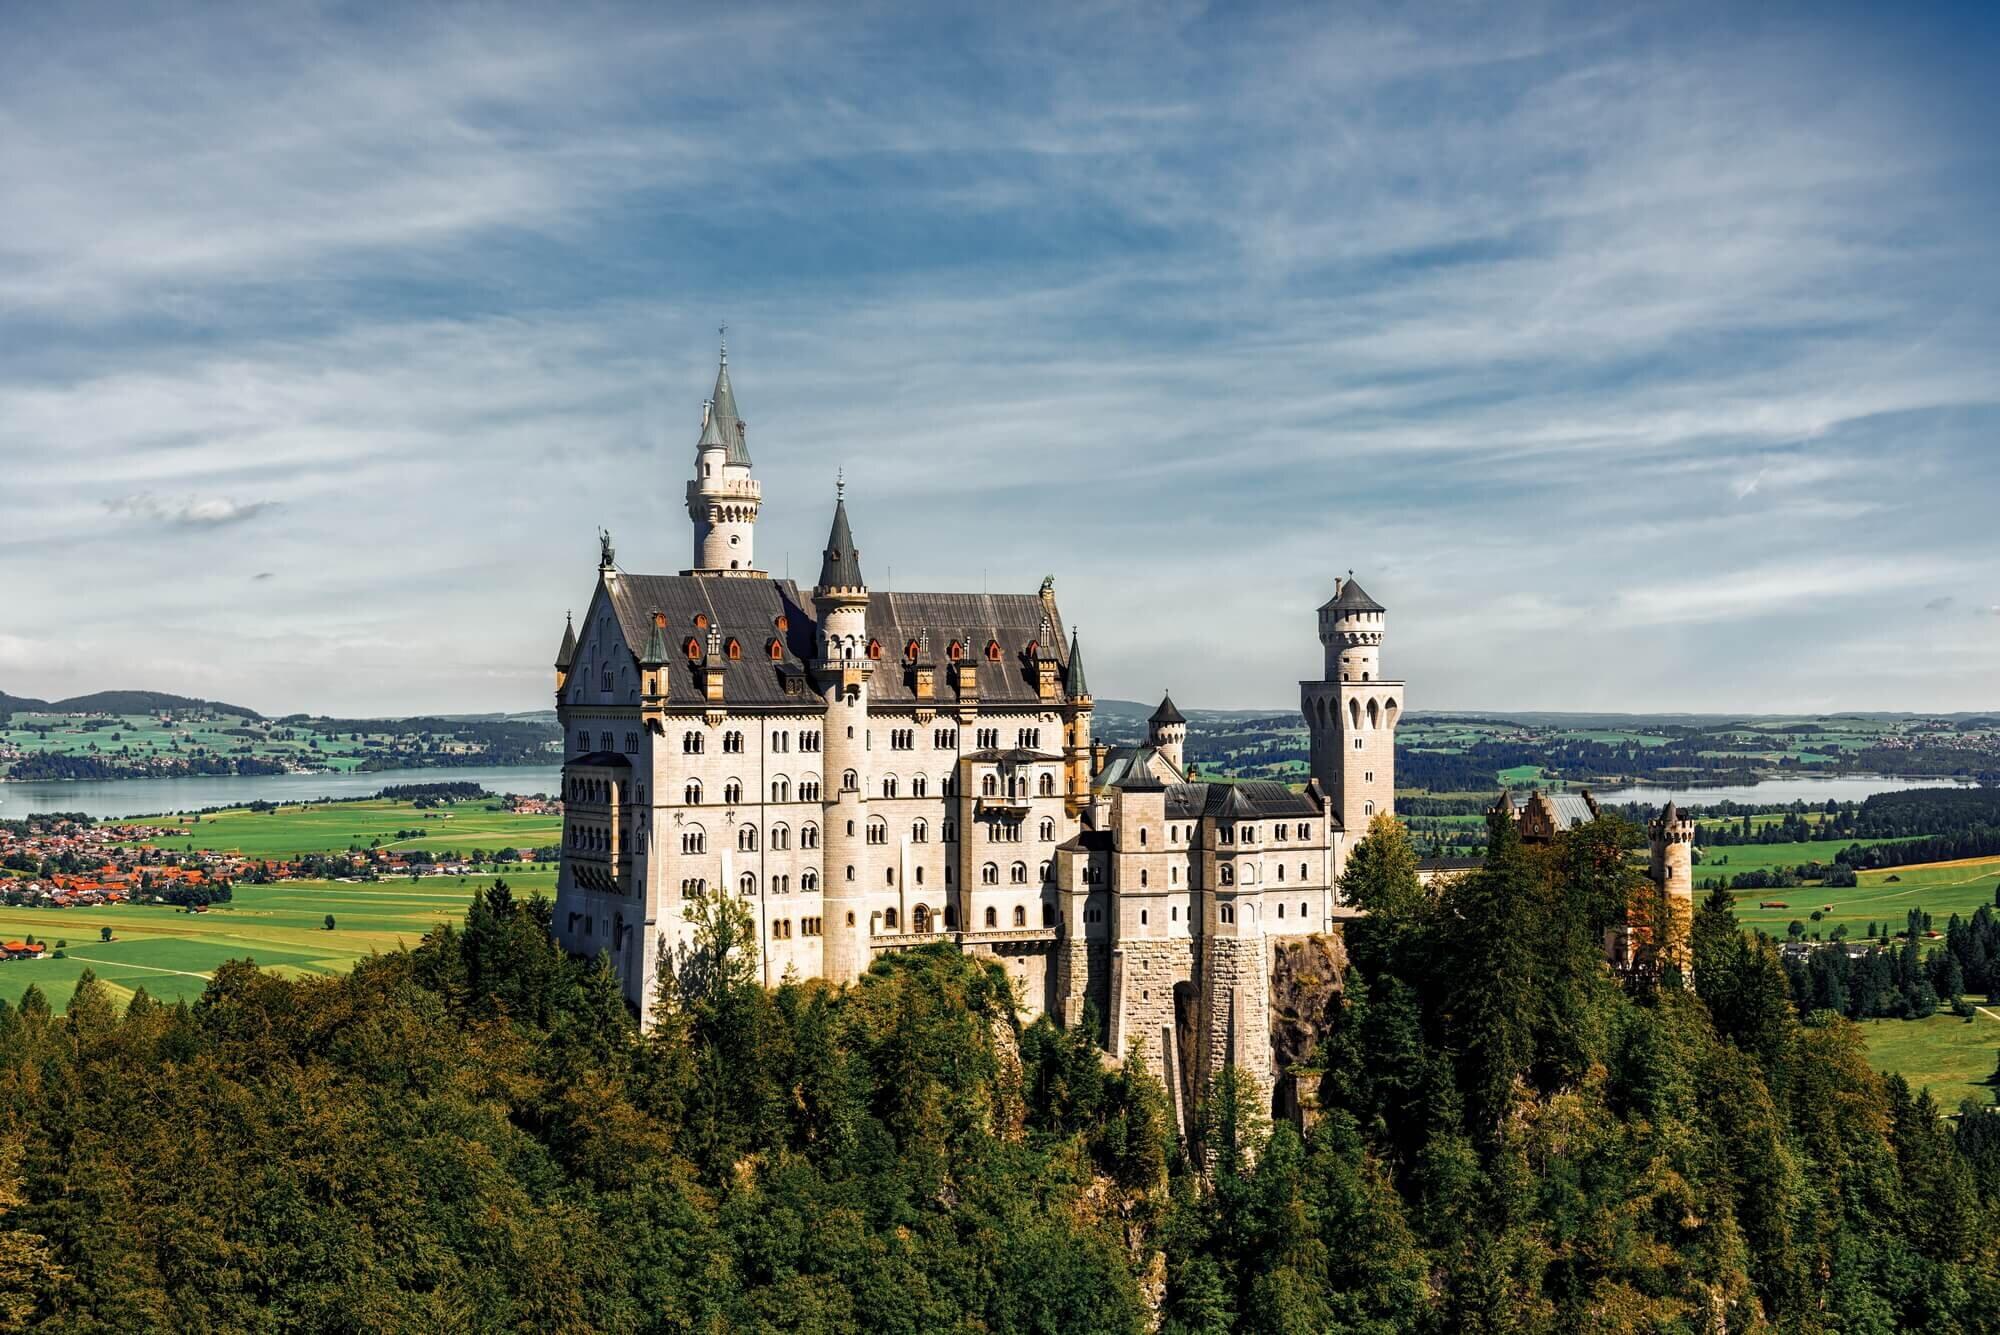 טירת הברבור, גרמניה - Schloss Neuschwanstein